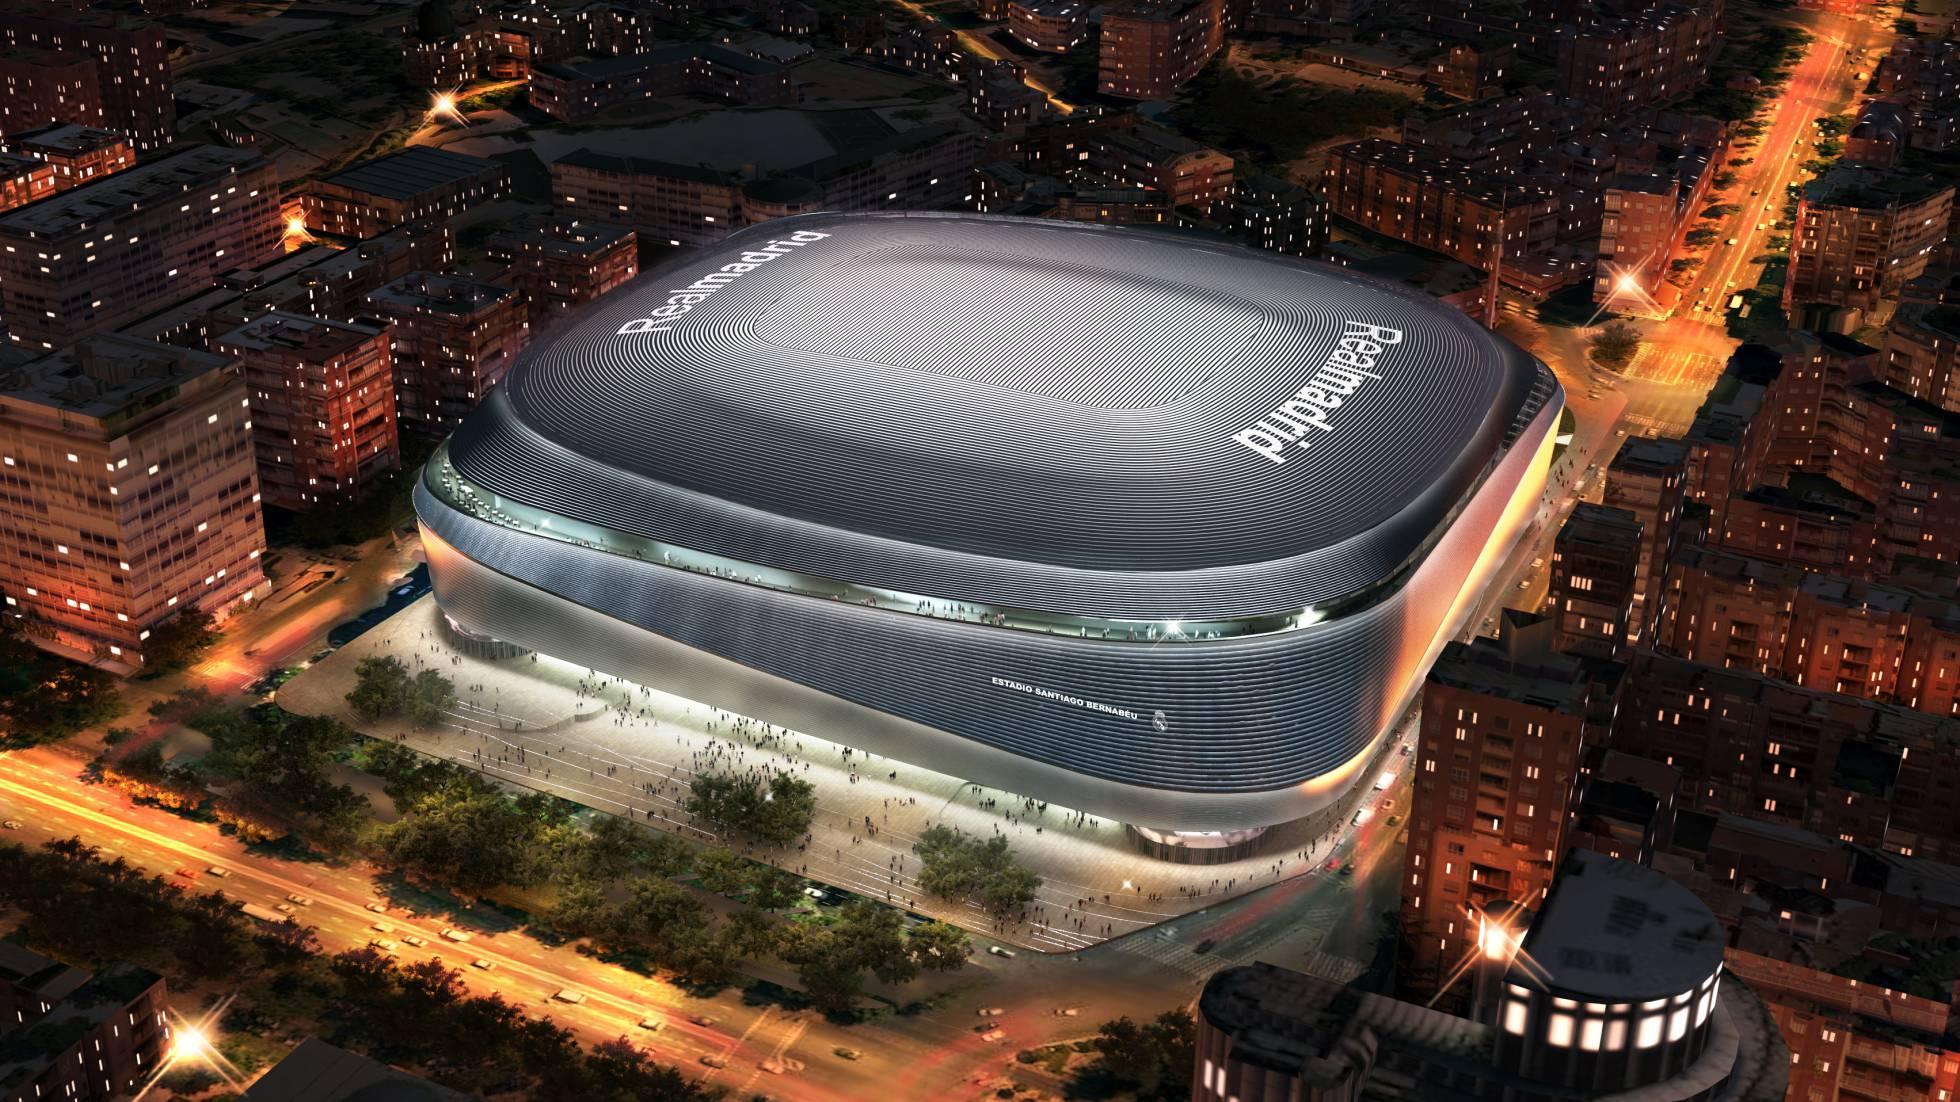 Fotos El Nuevo Estadio Santiago Bernabéu Deportes El País